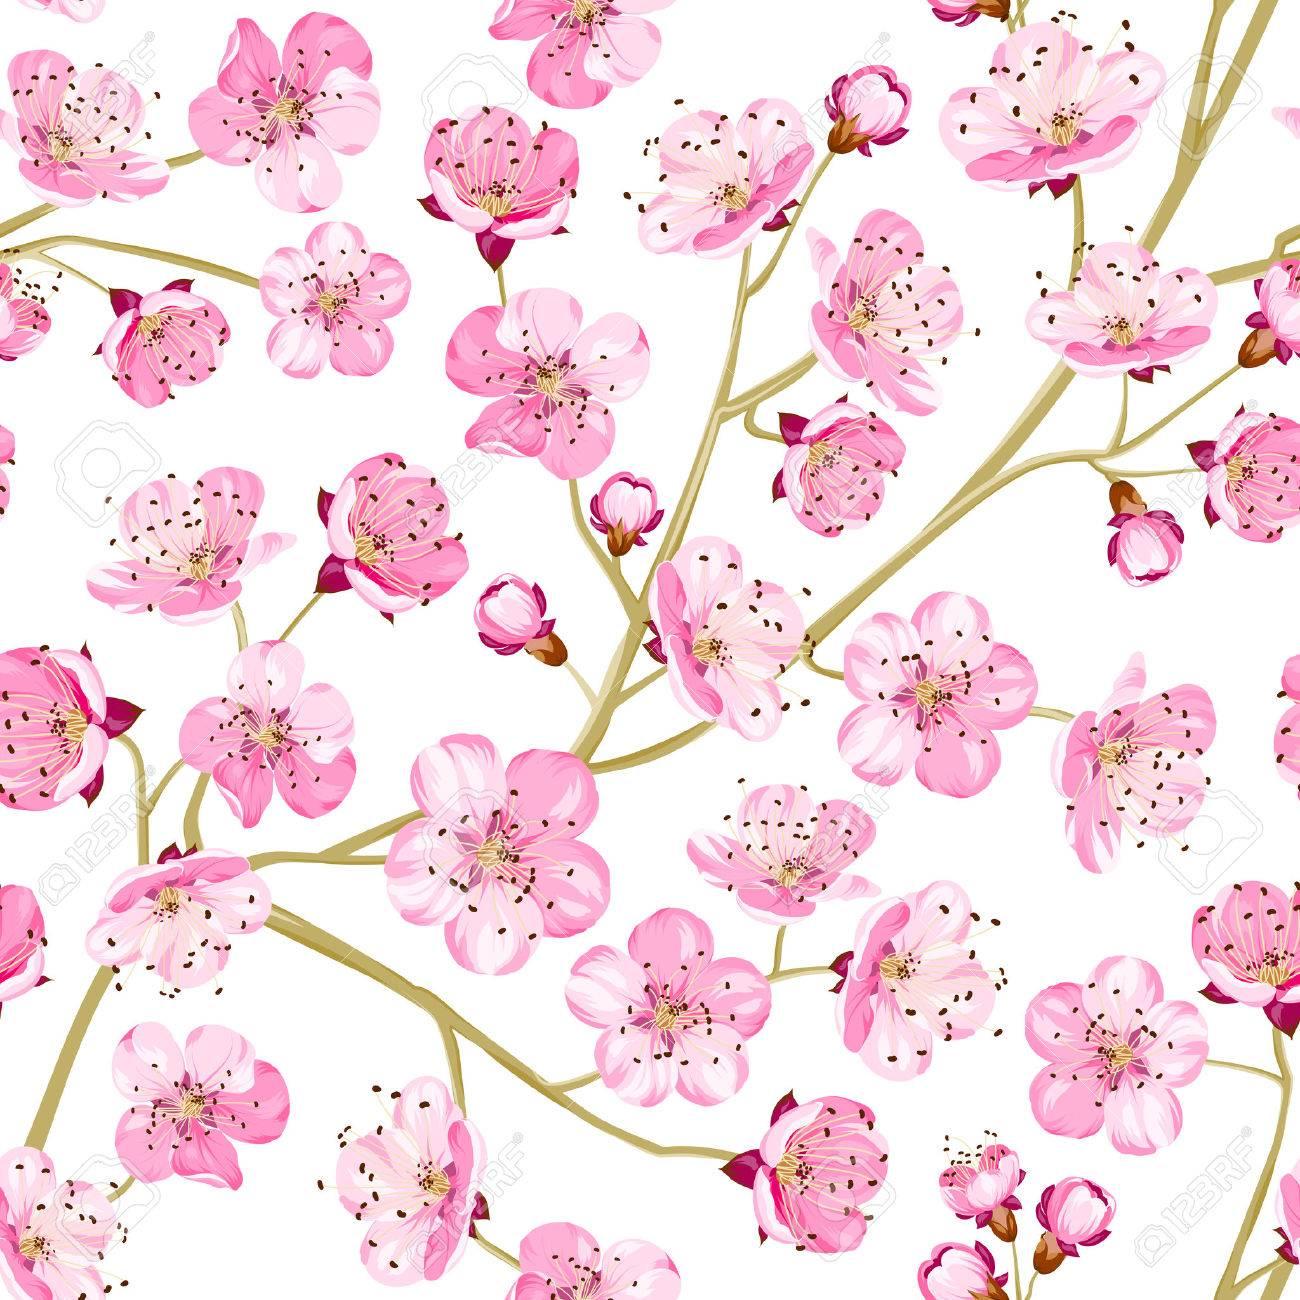 Spring Flowers Wallpaper Over White Background Vector Illustration